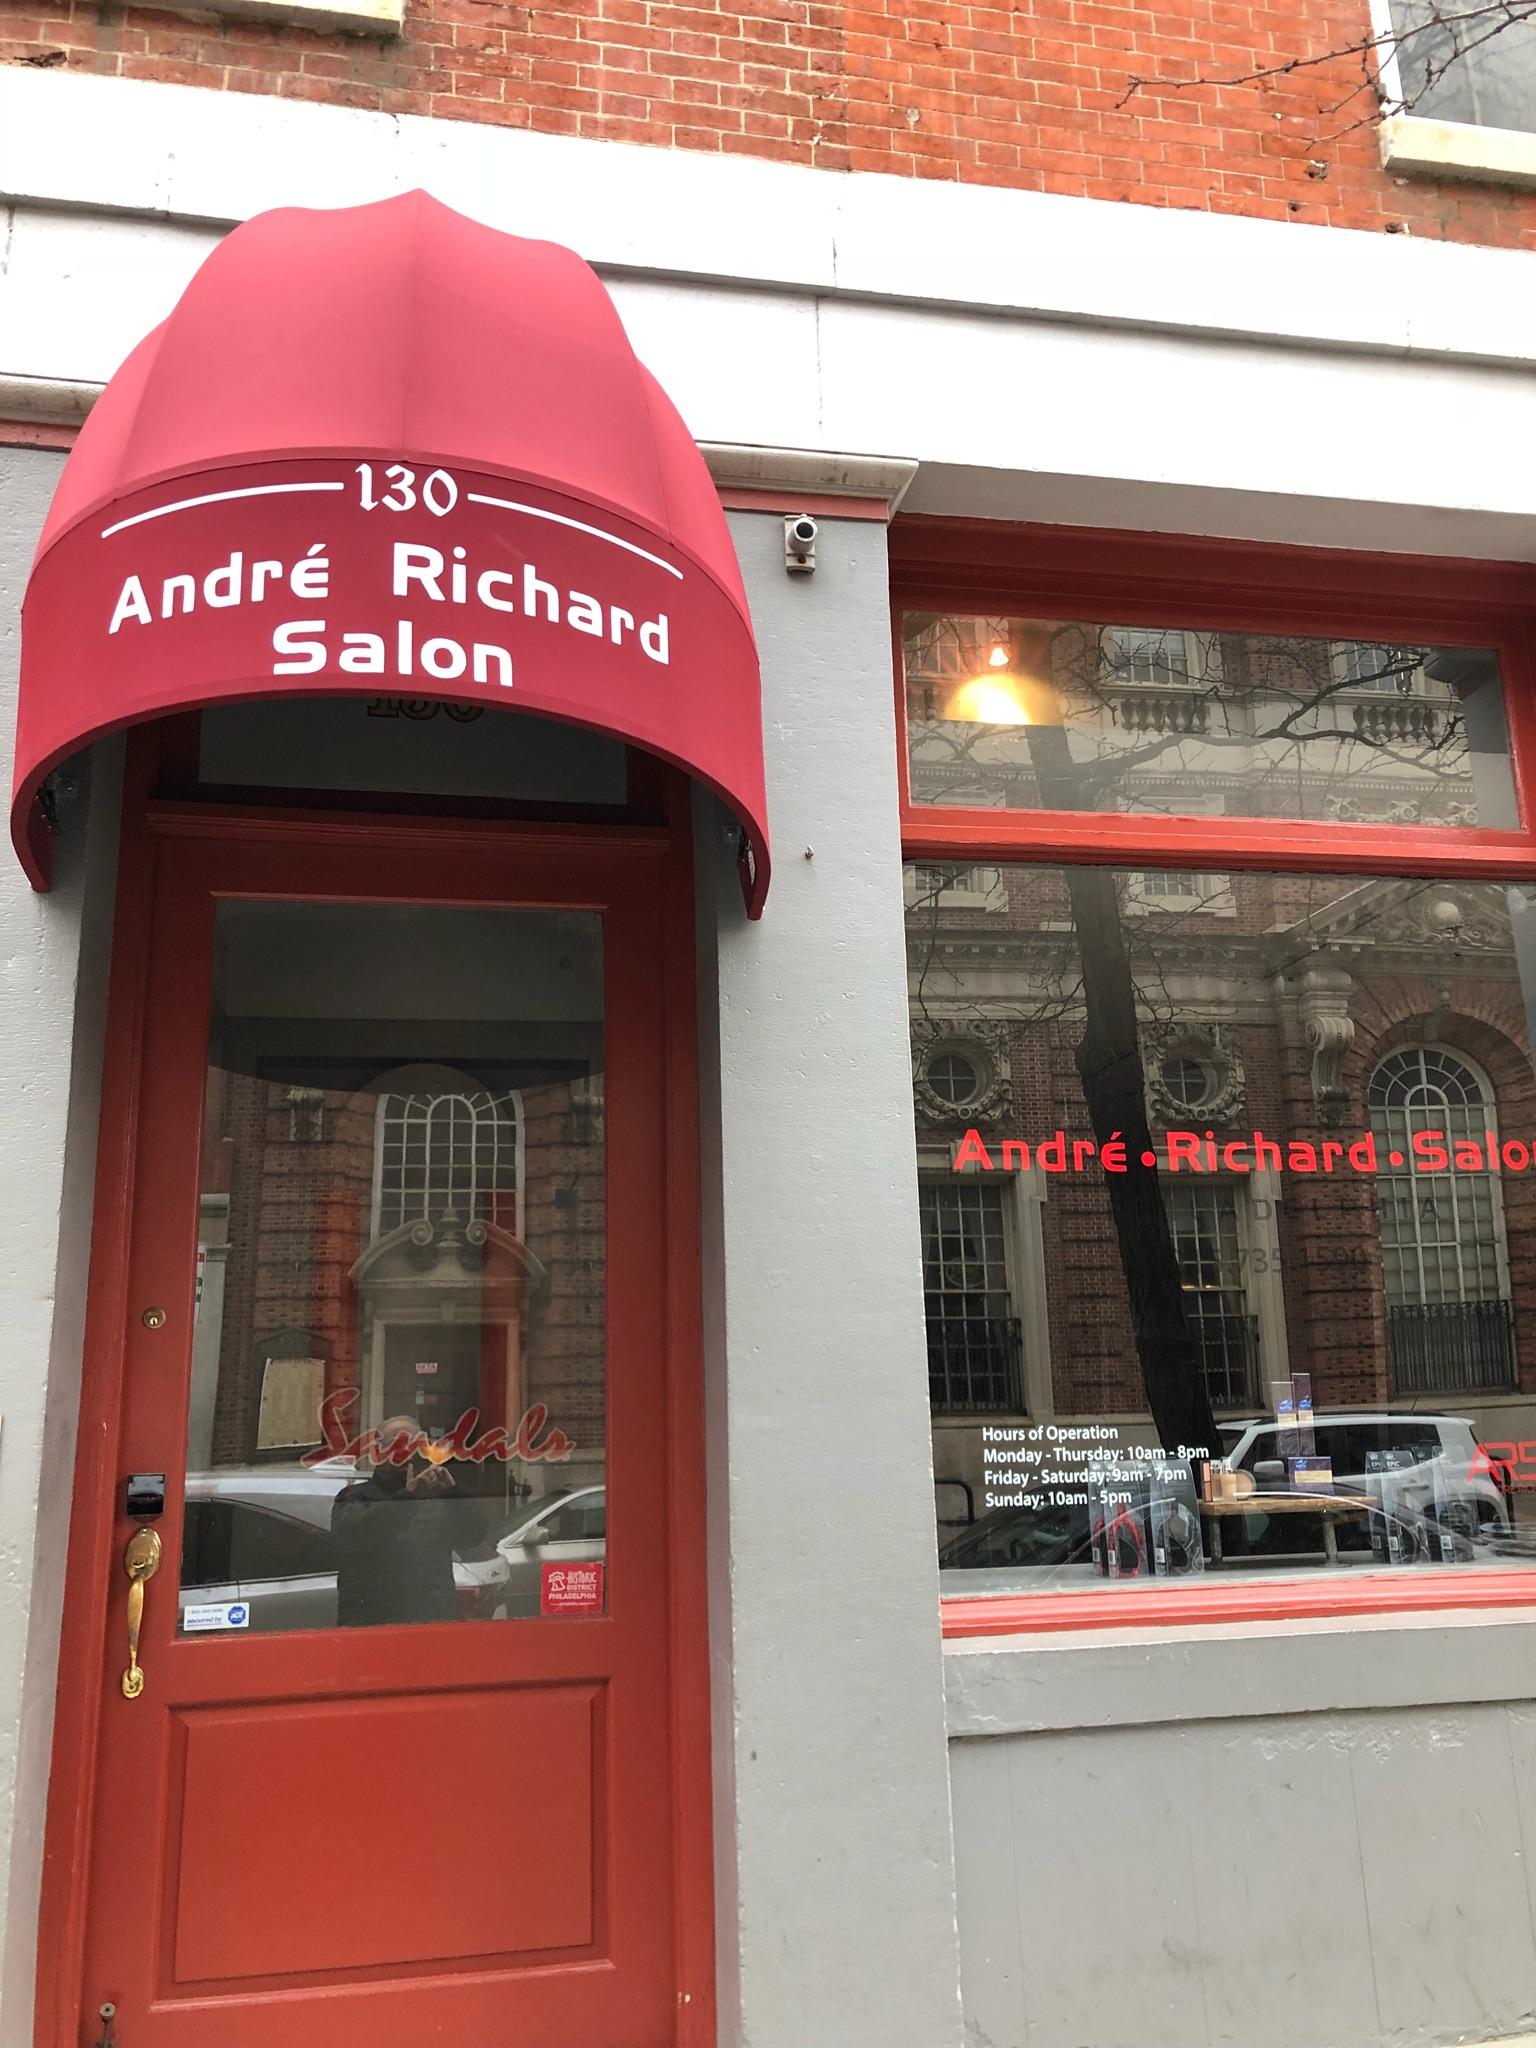 Best Hair Salon In Philadelphia Andre Richard Salon